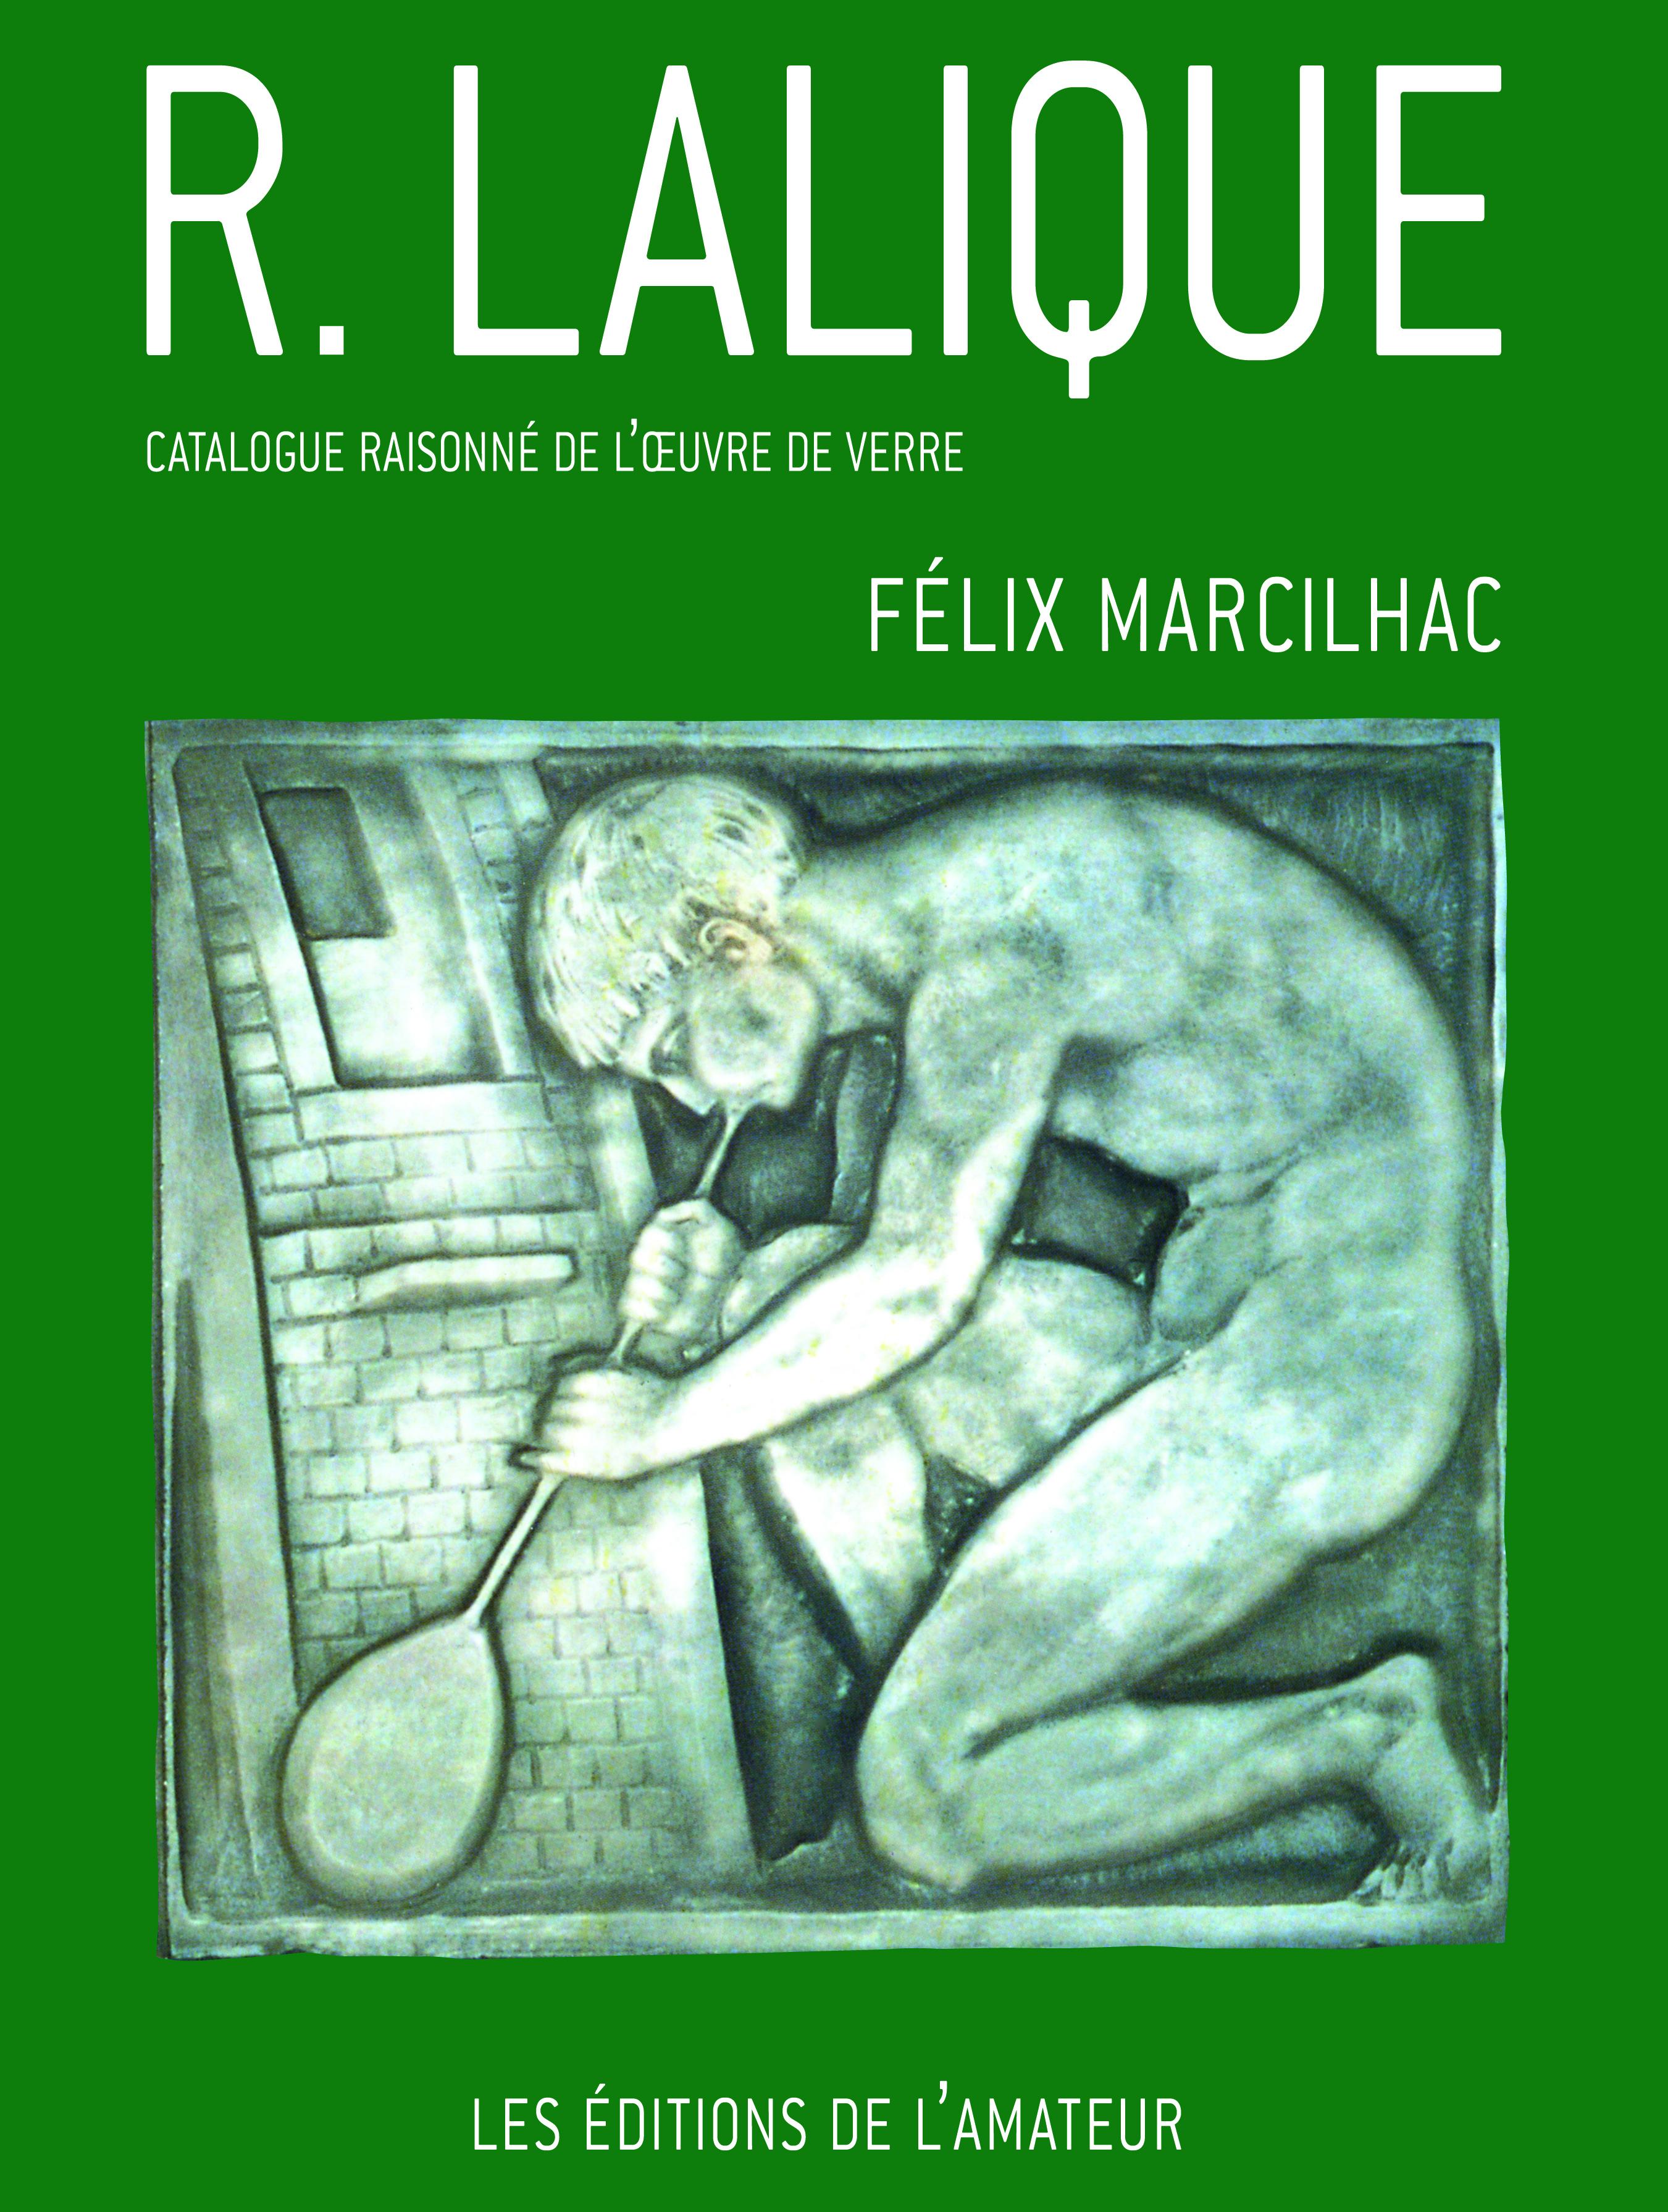 RENE LALIQUE (4D)